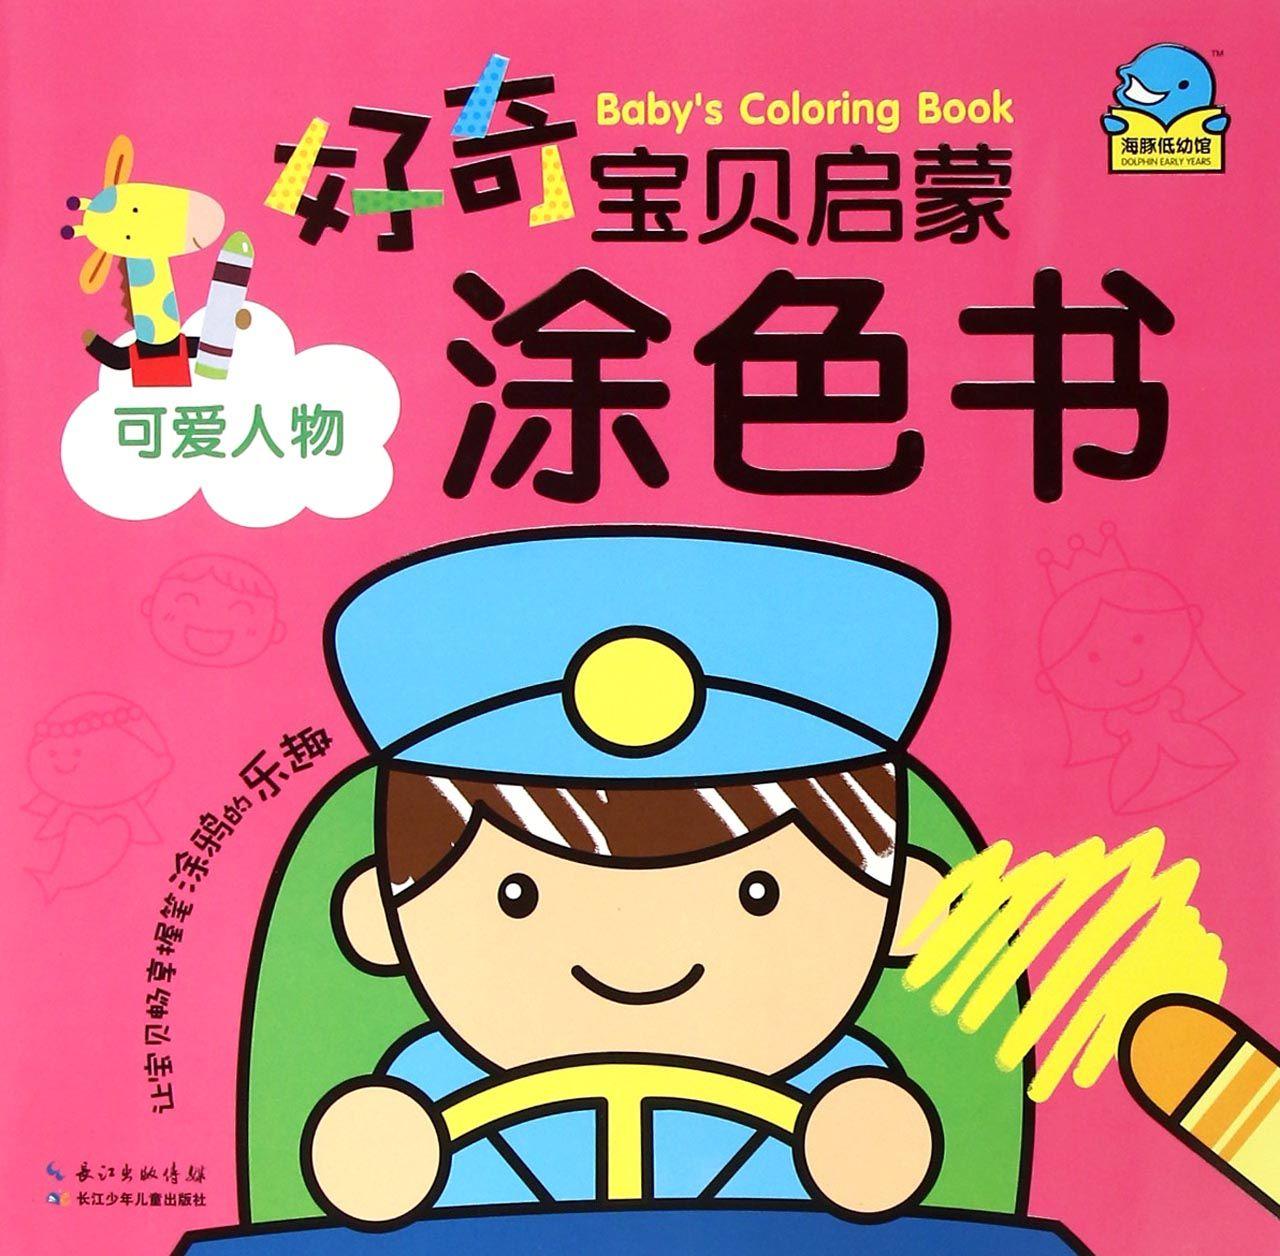 由海豚传媒所*的《可爱人物》是专为2-4岁幼 儿设计的绘画类图书,书中每个形象旁边都会设置一 首相对应的儿歌,让孩子一边学画画,一边通过儿歌 加深对形象的认知,绘画与启蒙认知同时进行。每幅 需涂色图画旁都会设计一个亲子互动区,孩子完成涂 色后,家长可以根据孩子的图书表现,为孩子评分〿br/>评价等级包括加油不错真棒三个等级〿br/>12K的大开本为孩子带来超大版画面,为孩子提供* 好的运笔条件,*好地锻炼手部肌肉。孩子既可以参 照范画涂色,感知色彩搭配,锻炼色彩审美能力;也 可以根据大图大字